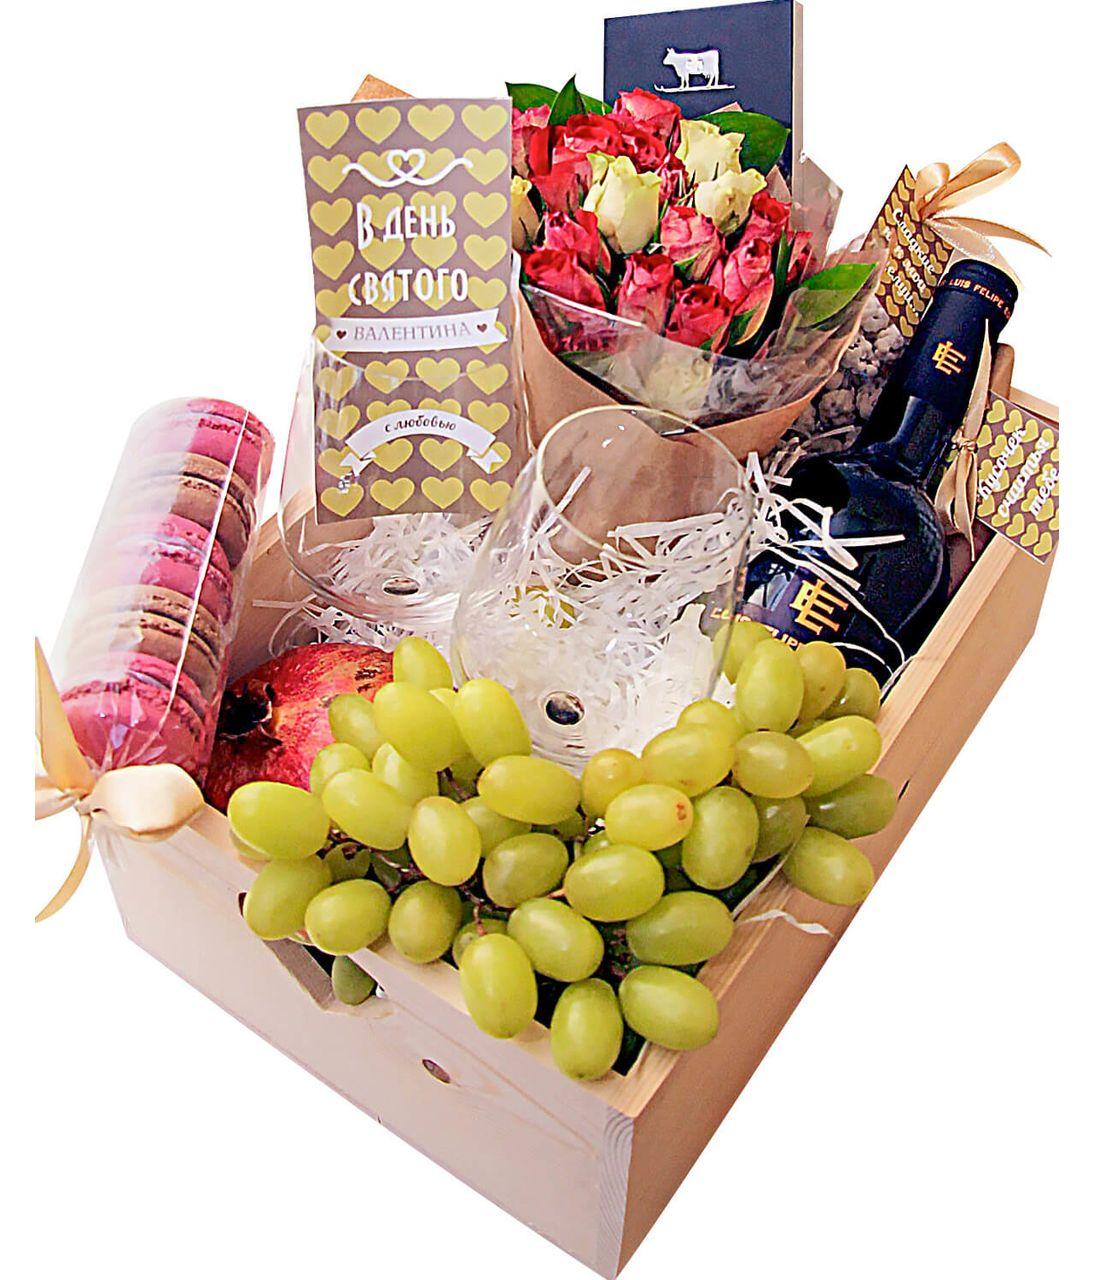 Деревянный подарочный ящик с розами, фруктами и вином. superflowers.com.ua. Купить деревянный подарочный ящик с розовыми розами и сладостями